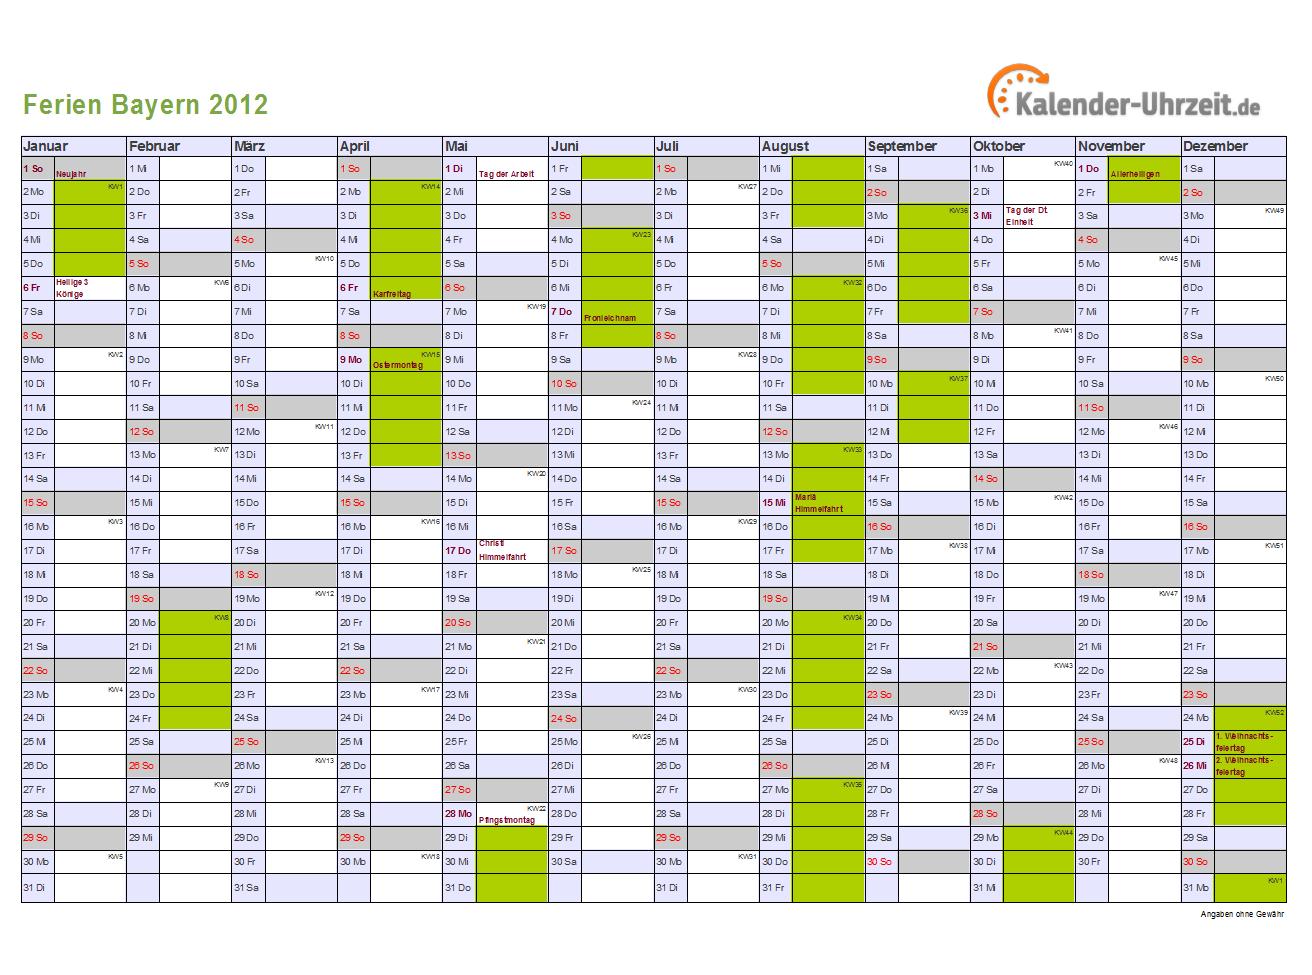 ferien bayern 2012 ferienkalender zum ausdrucken. Black Bedroom Furniture Sets. Home Design Ideas